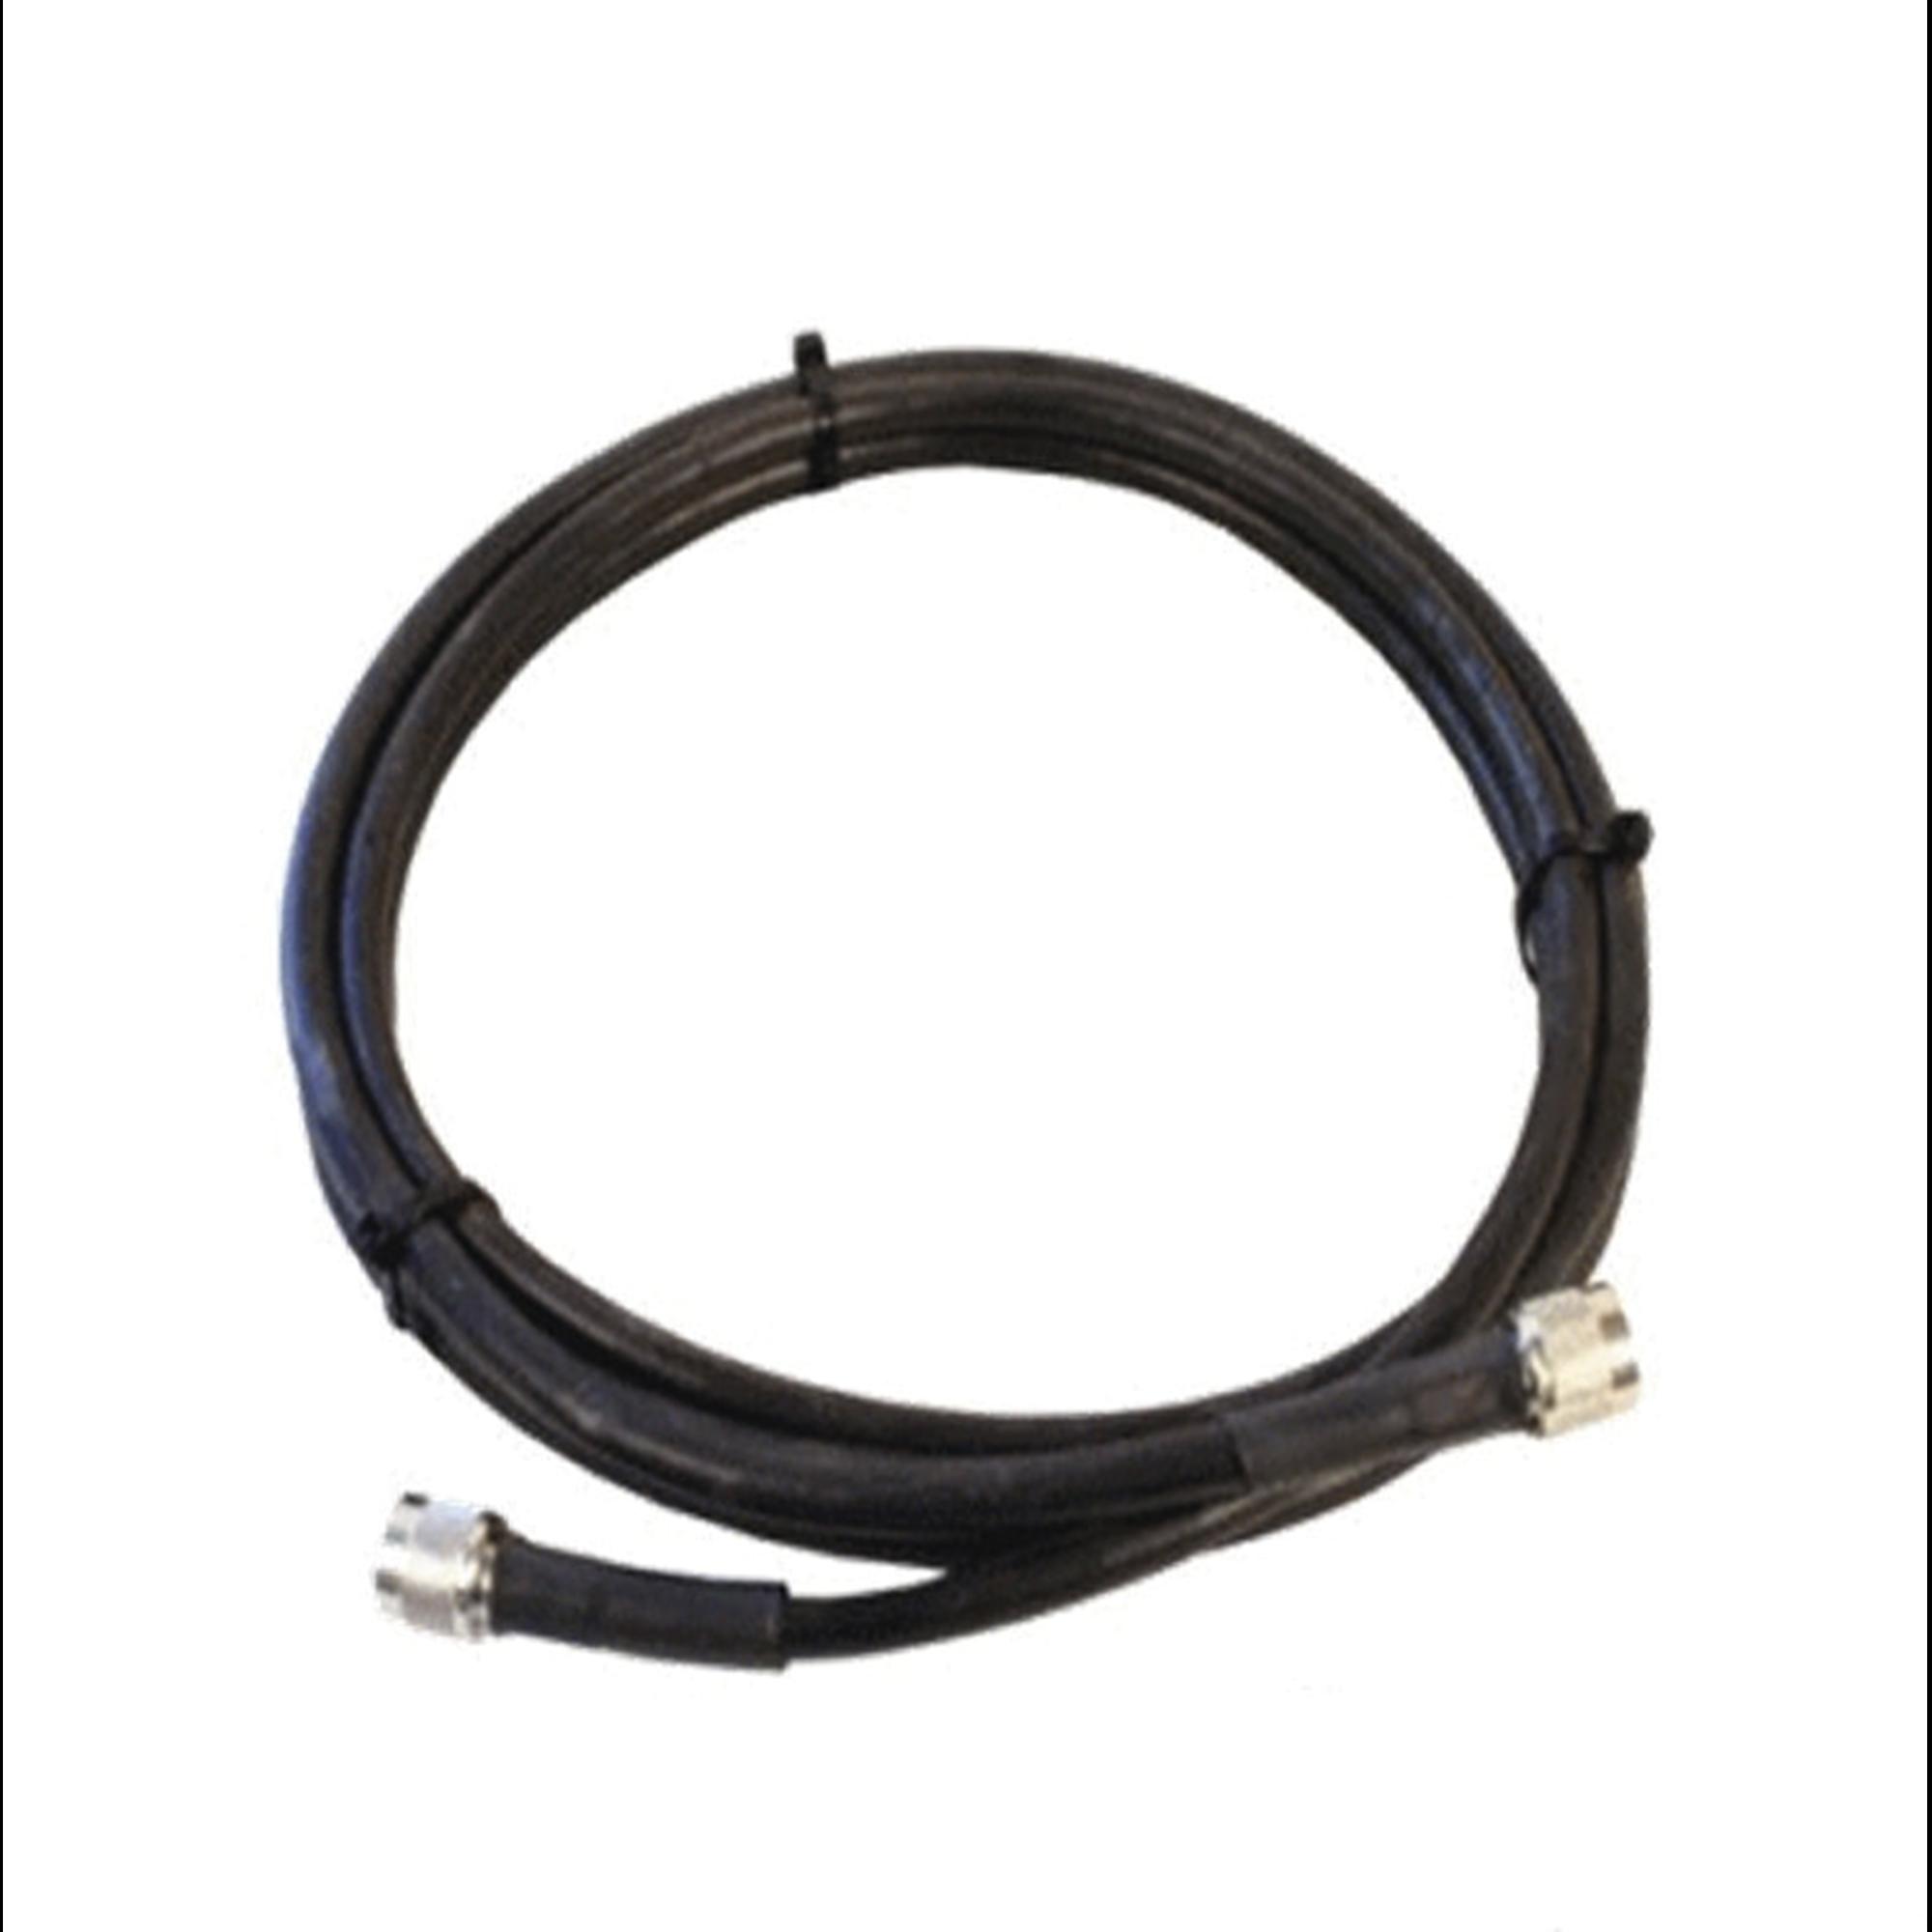 Jumper Coaxial con Cable Wilson-400 | Conector N Macho en los extremos | 3.05 metros de longitud.